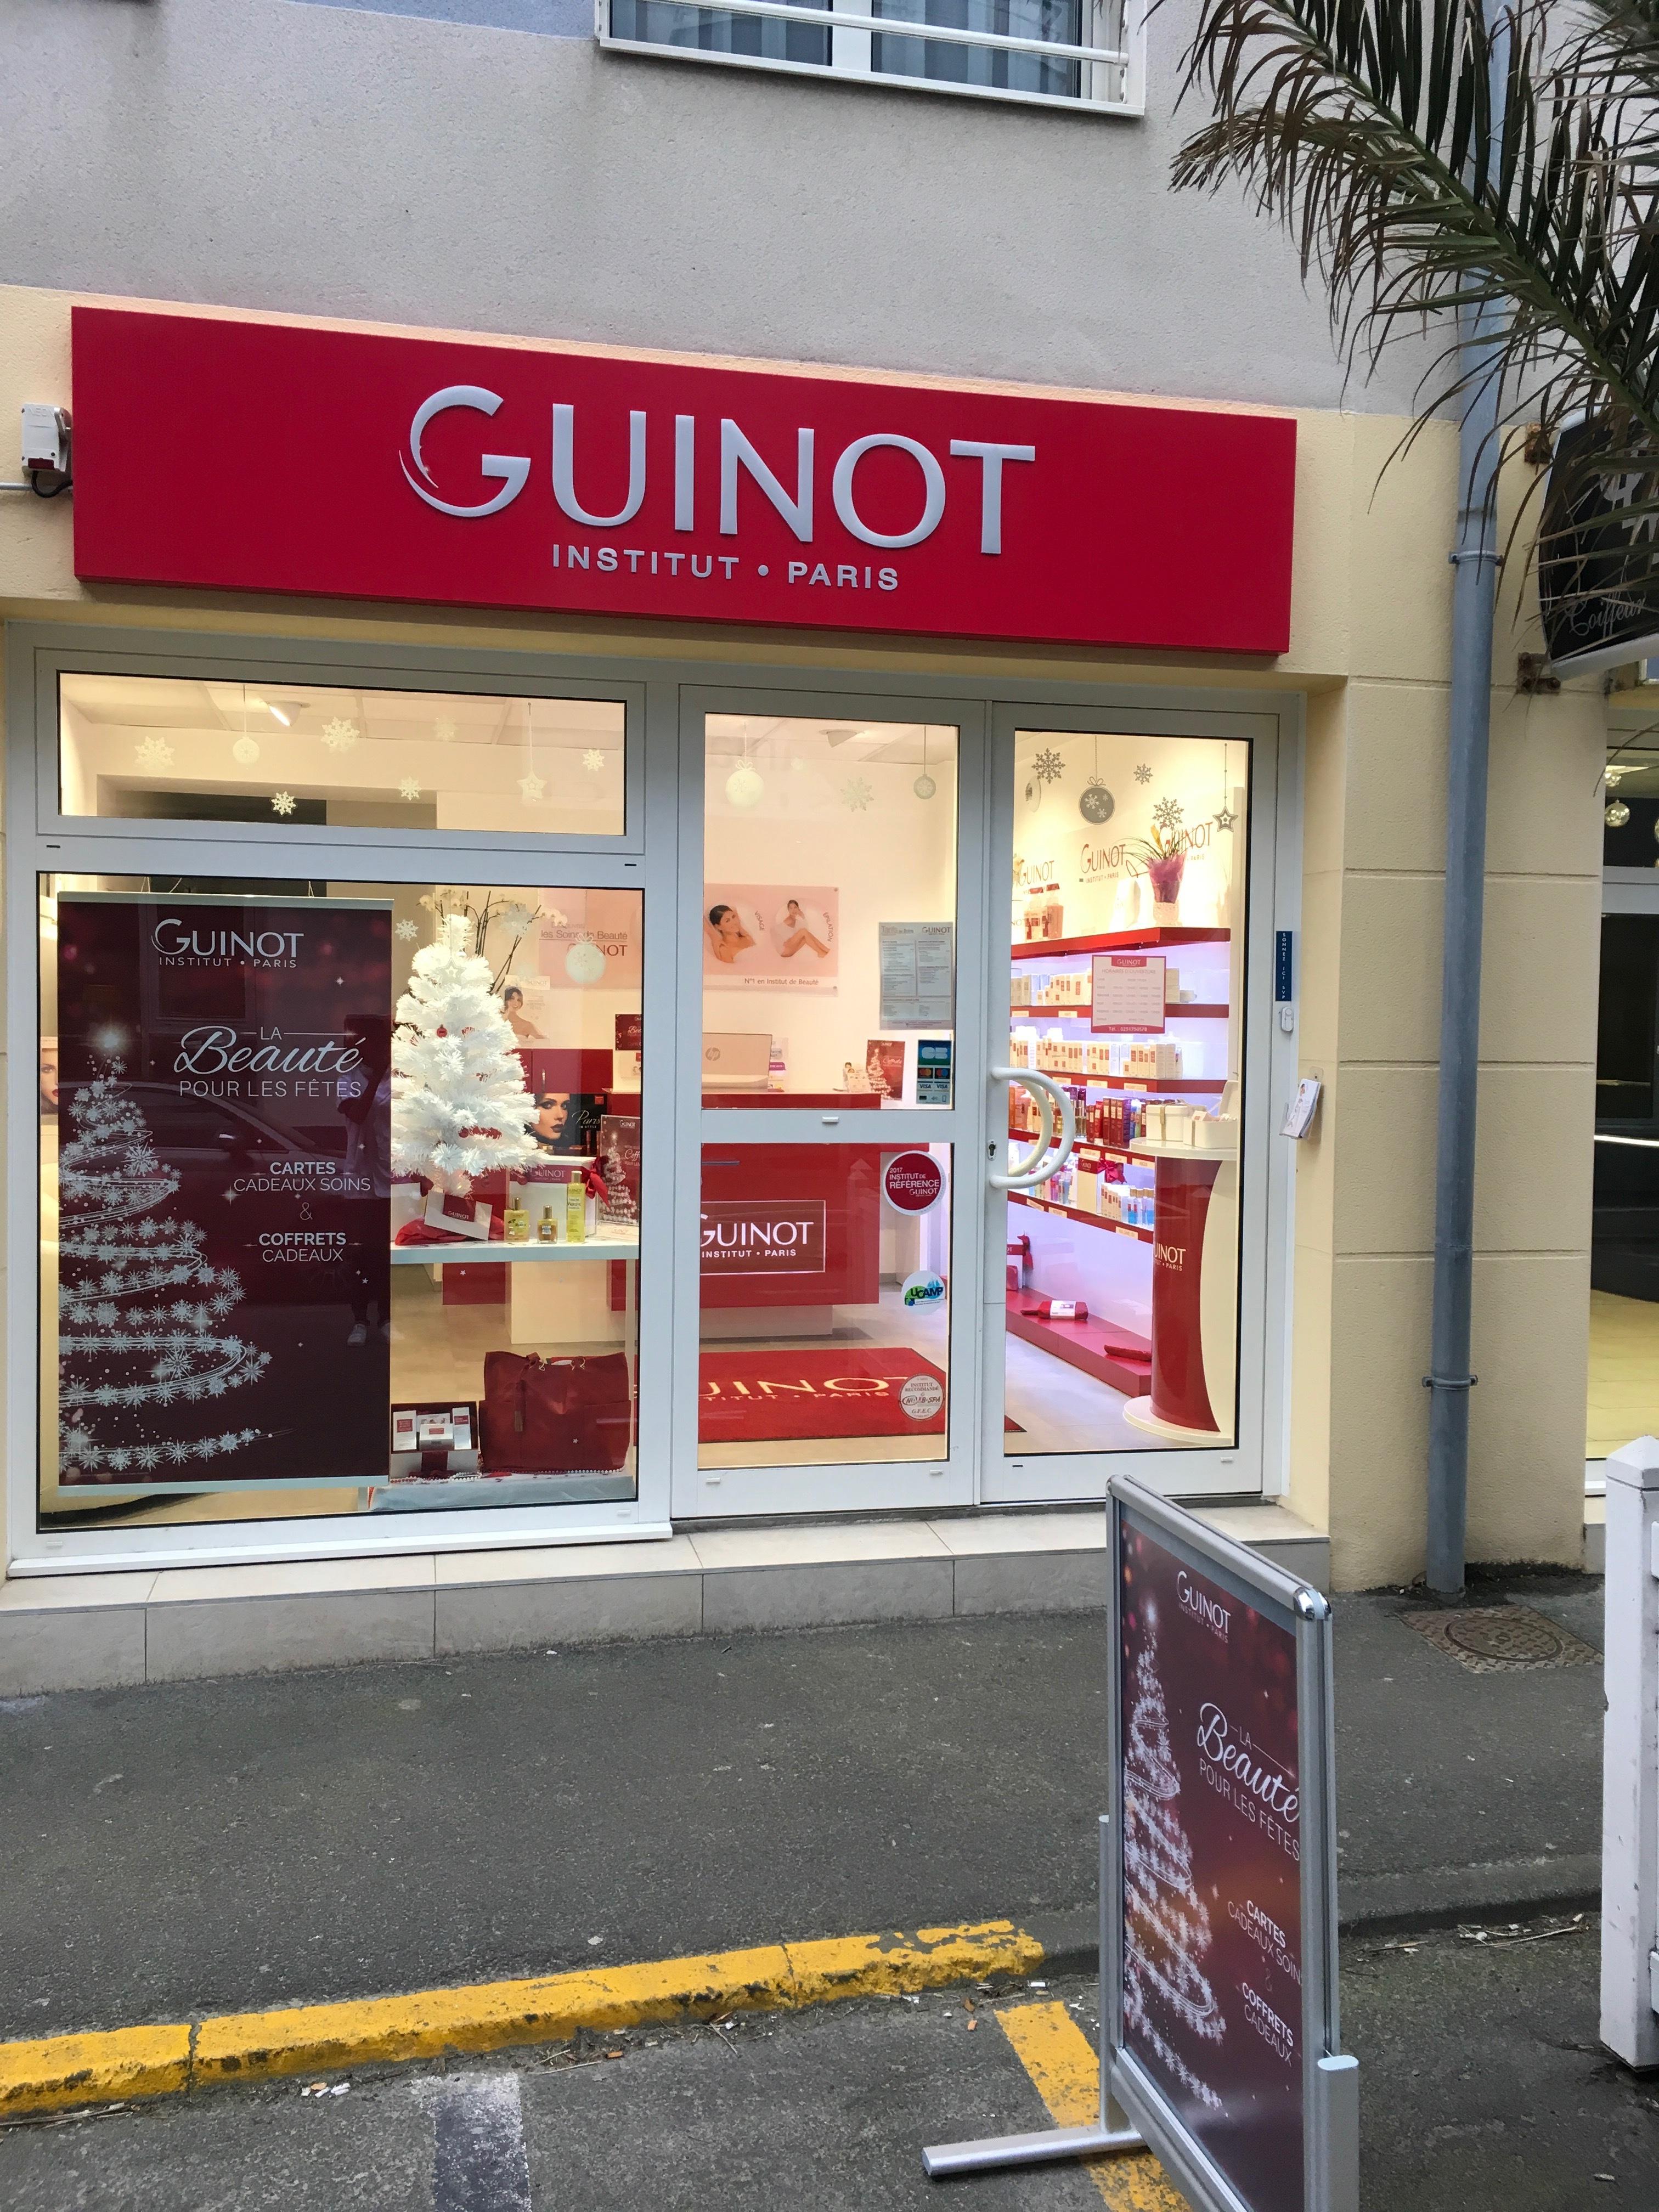 Galerie d'image - Institut Guinot Pornichet